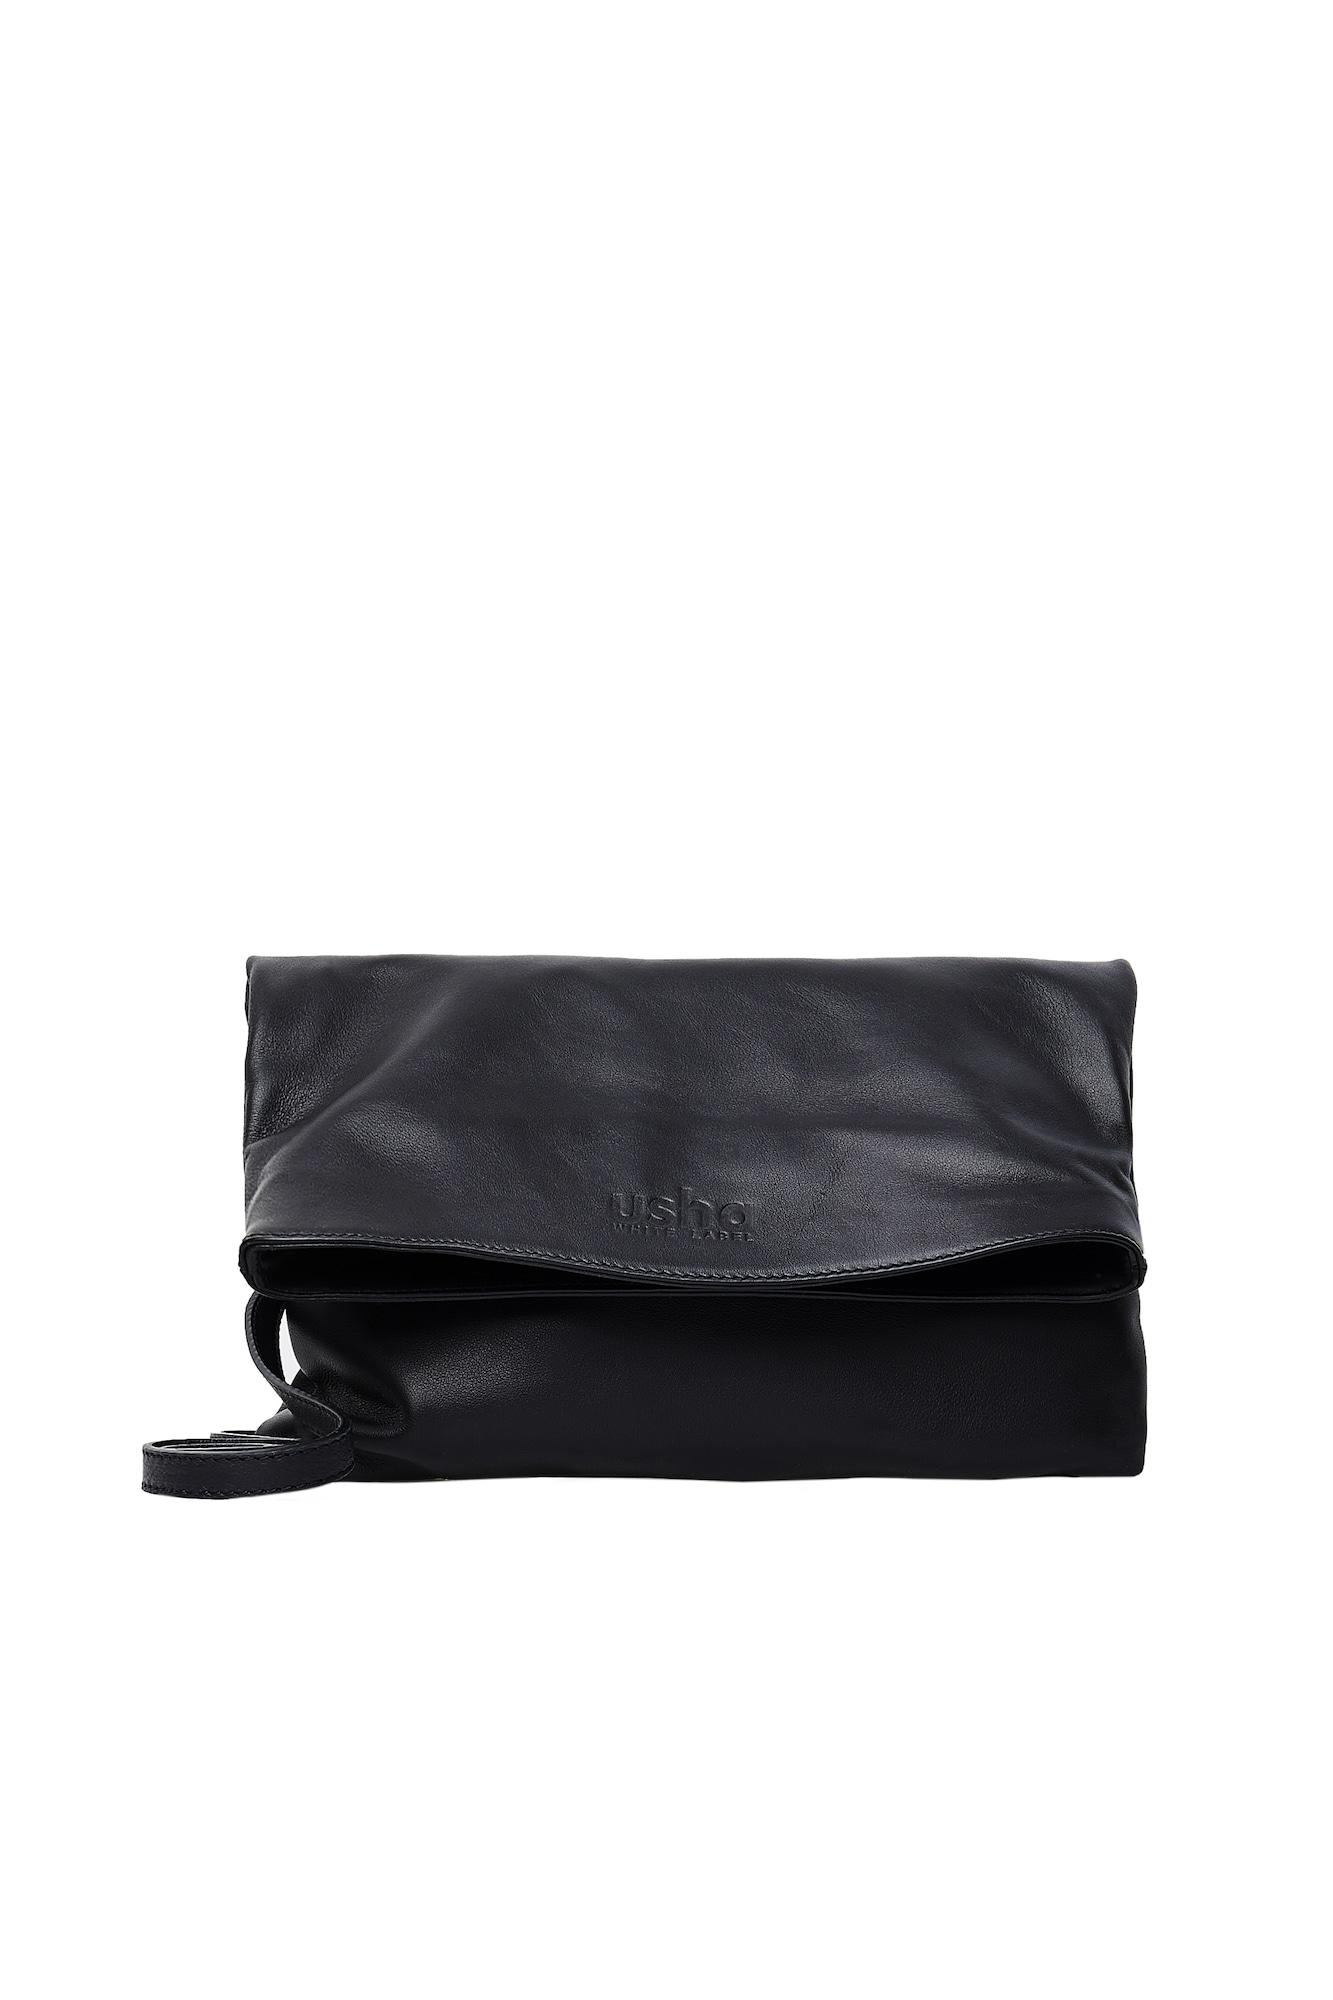 Clutch   Taschen > Handtaschen > Clutches   Usha